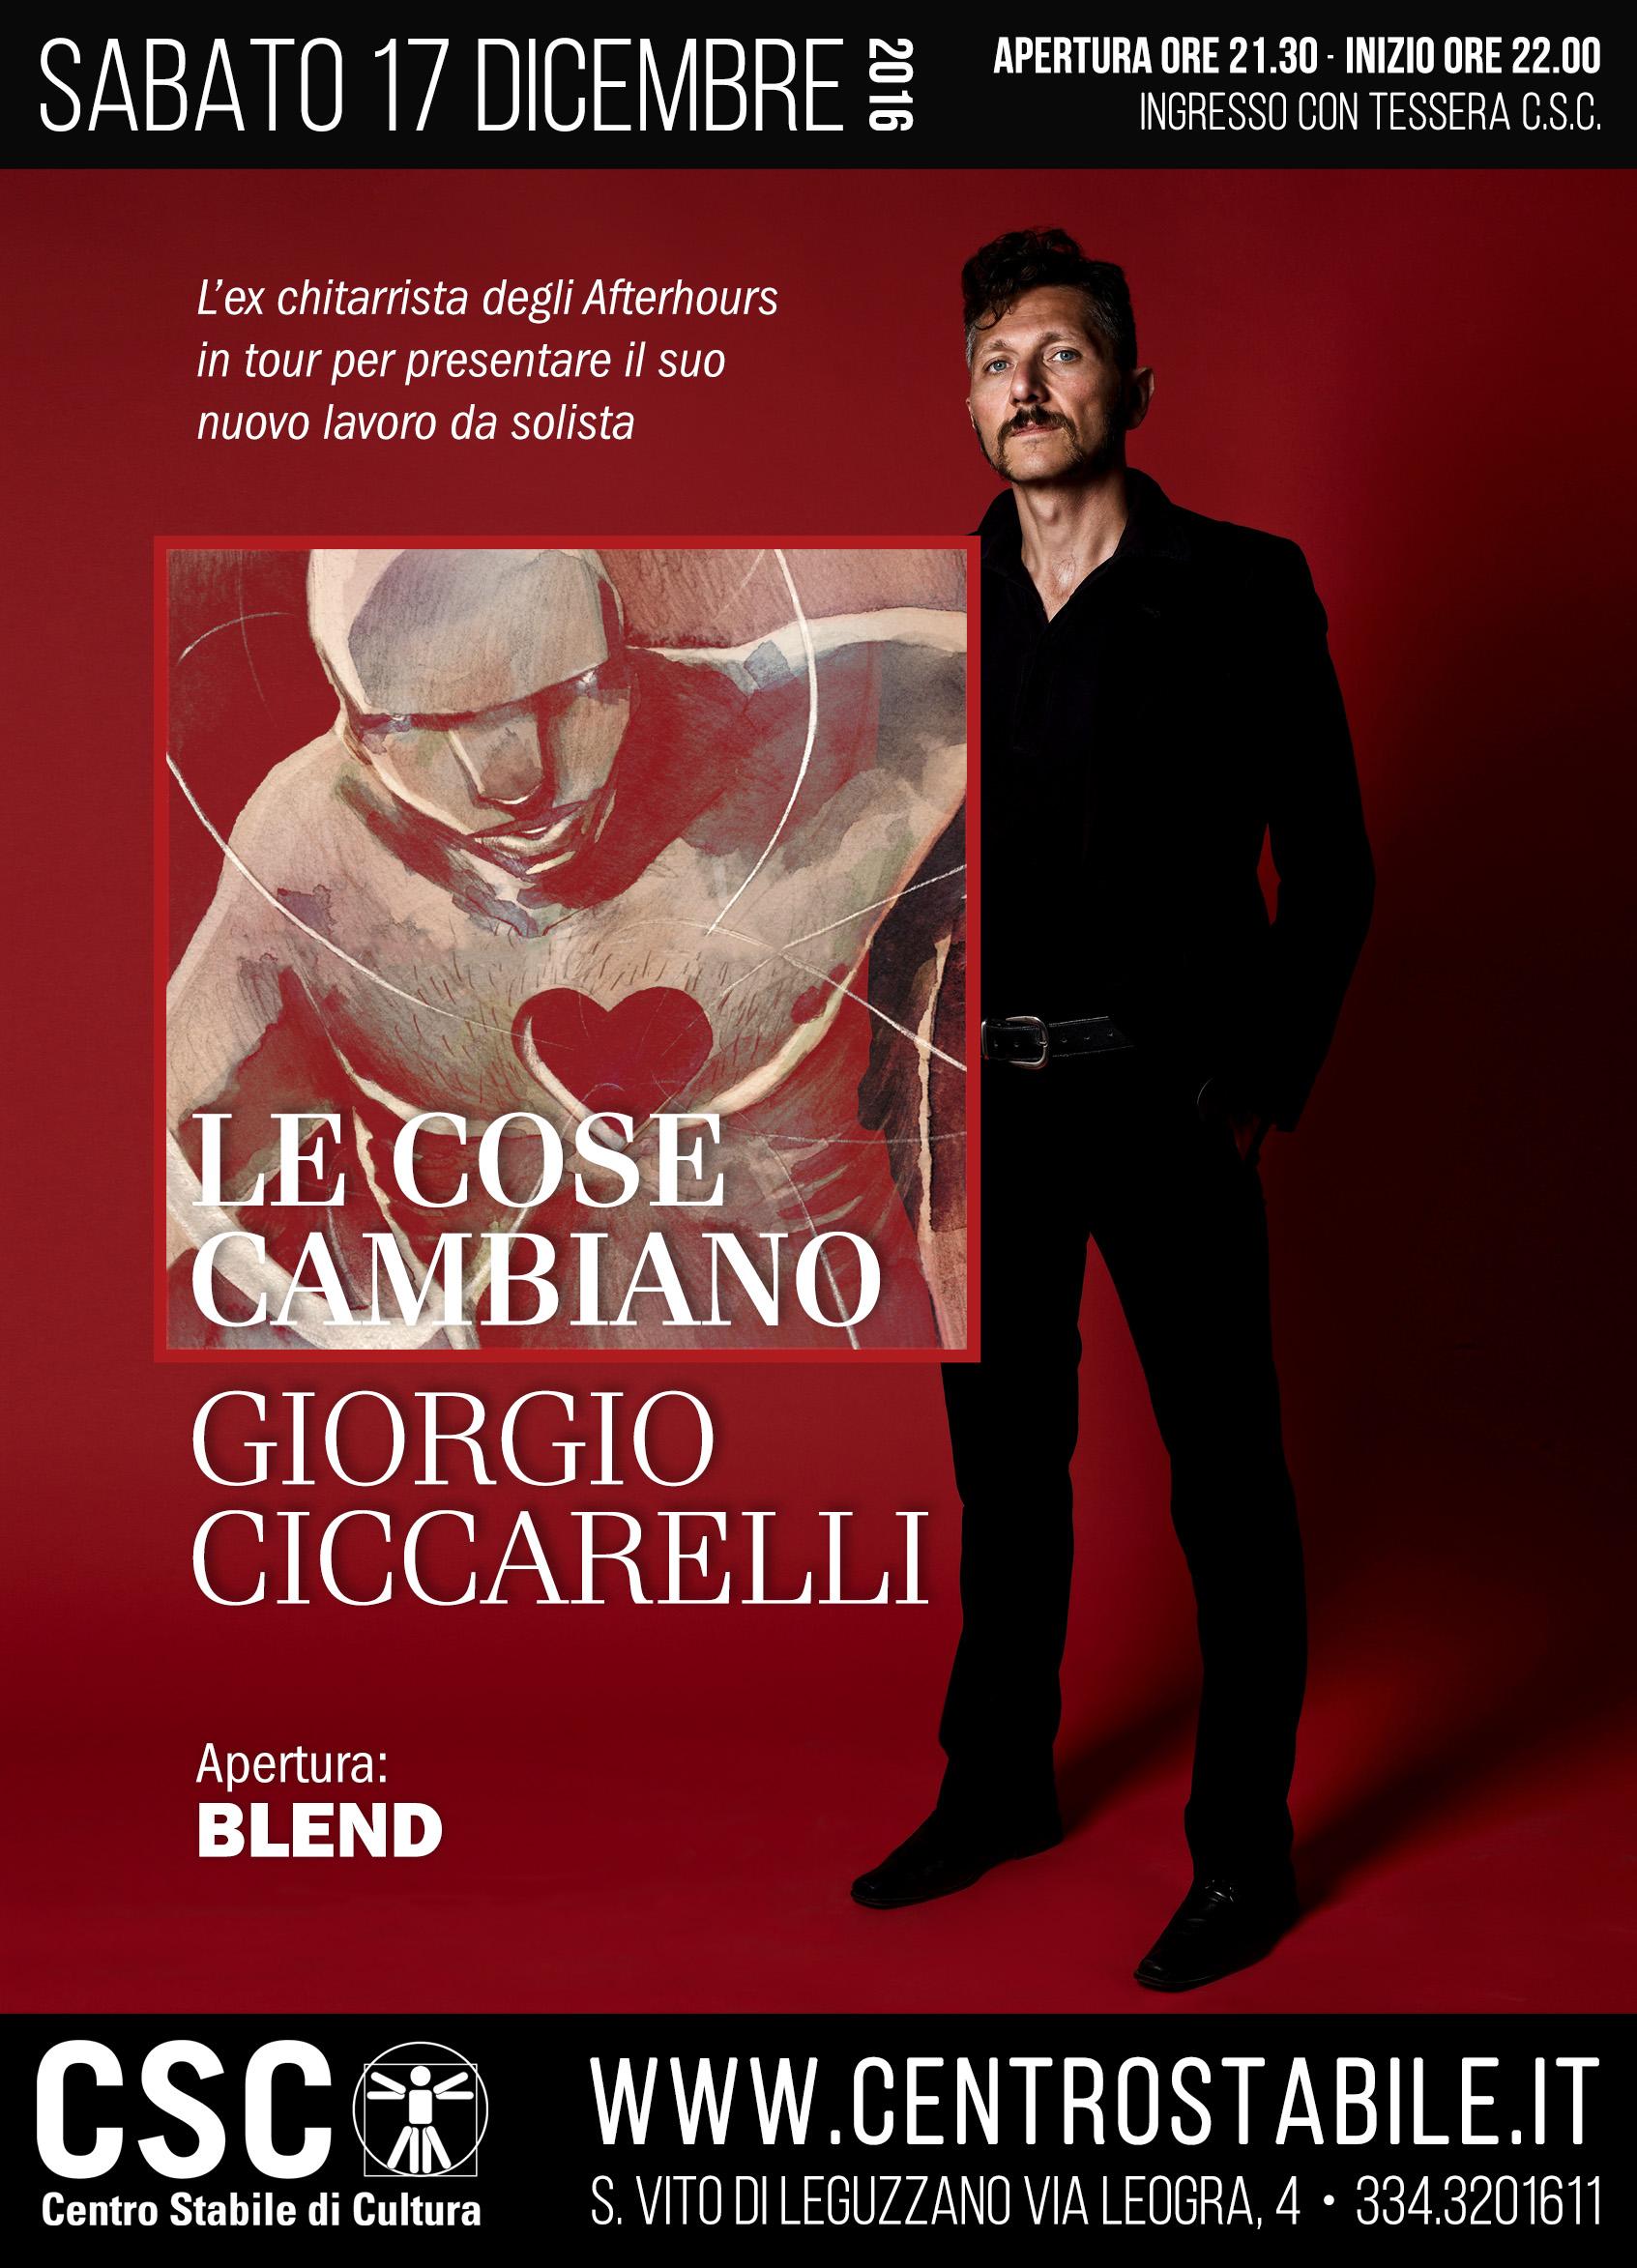 Giorgio Ciccarelli + Blend